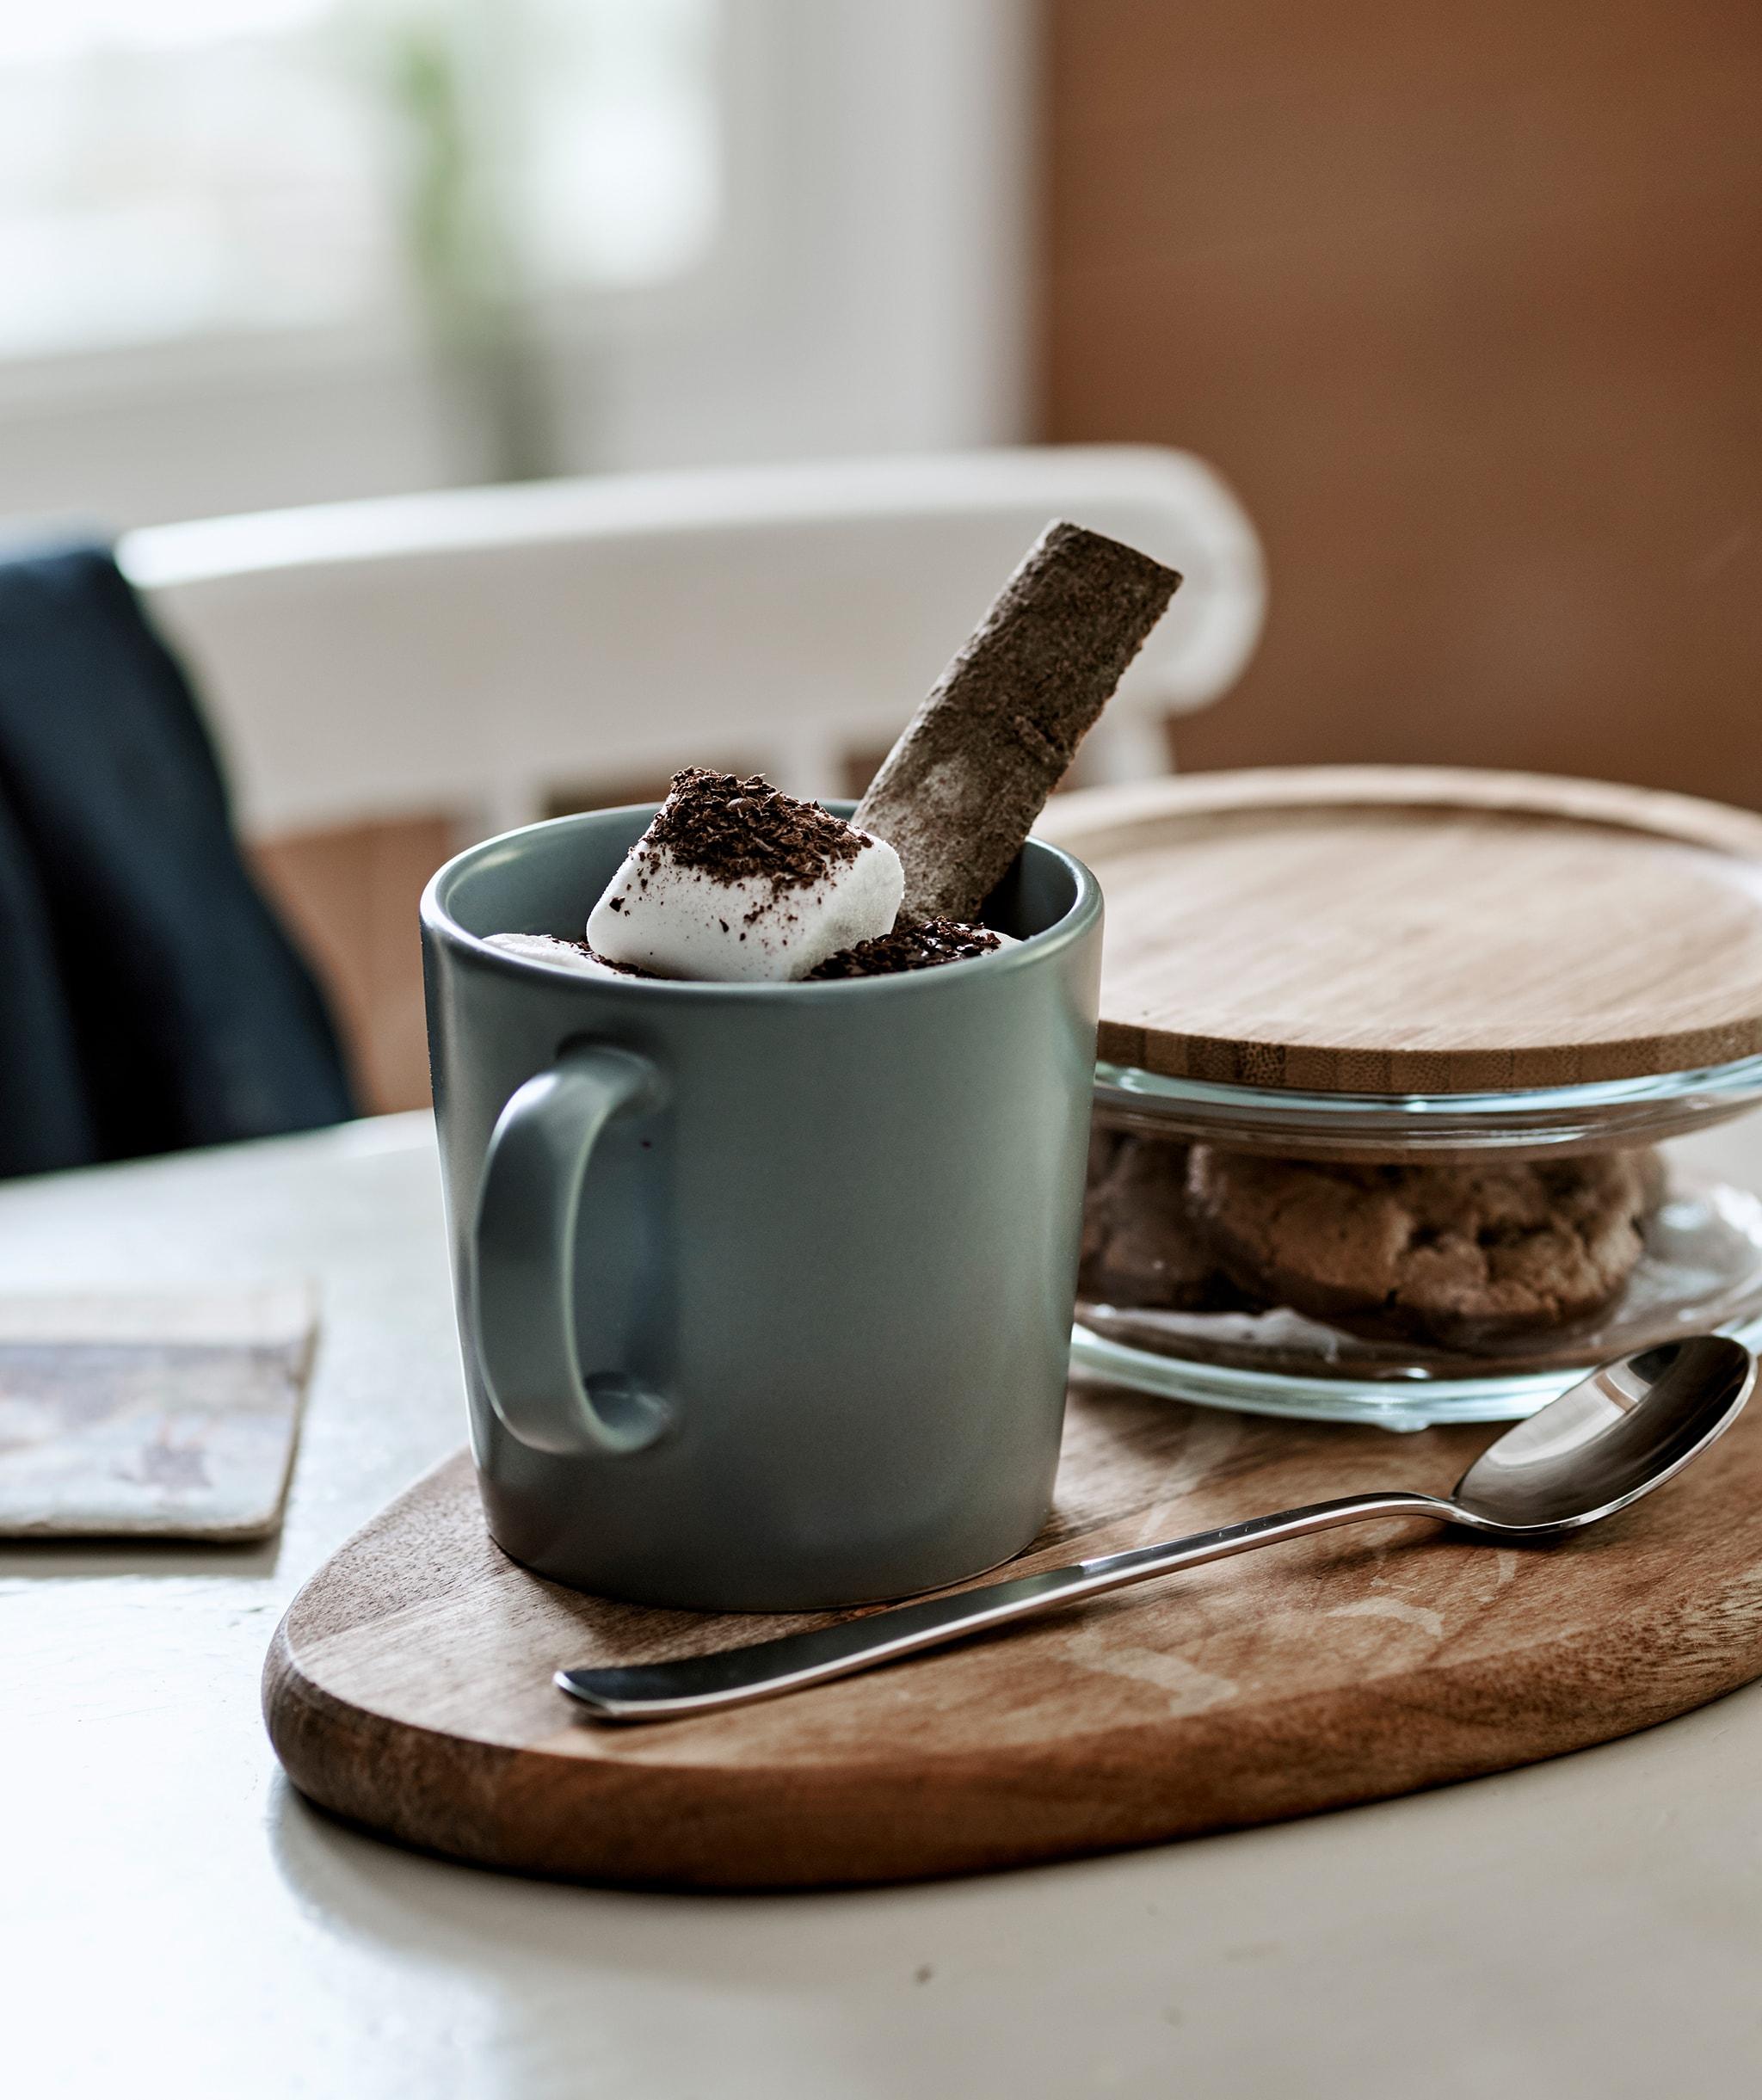 砧板上的灰藍色水杯有添加棉花糖的熱朱古力,旁邊的竹蓋玻璃瓶內有曲奇餅。